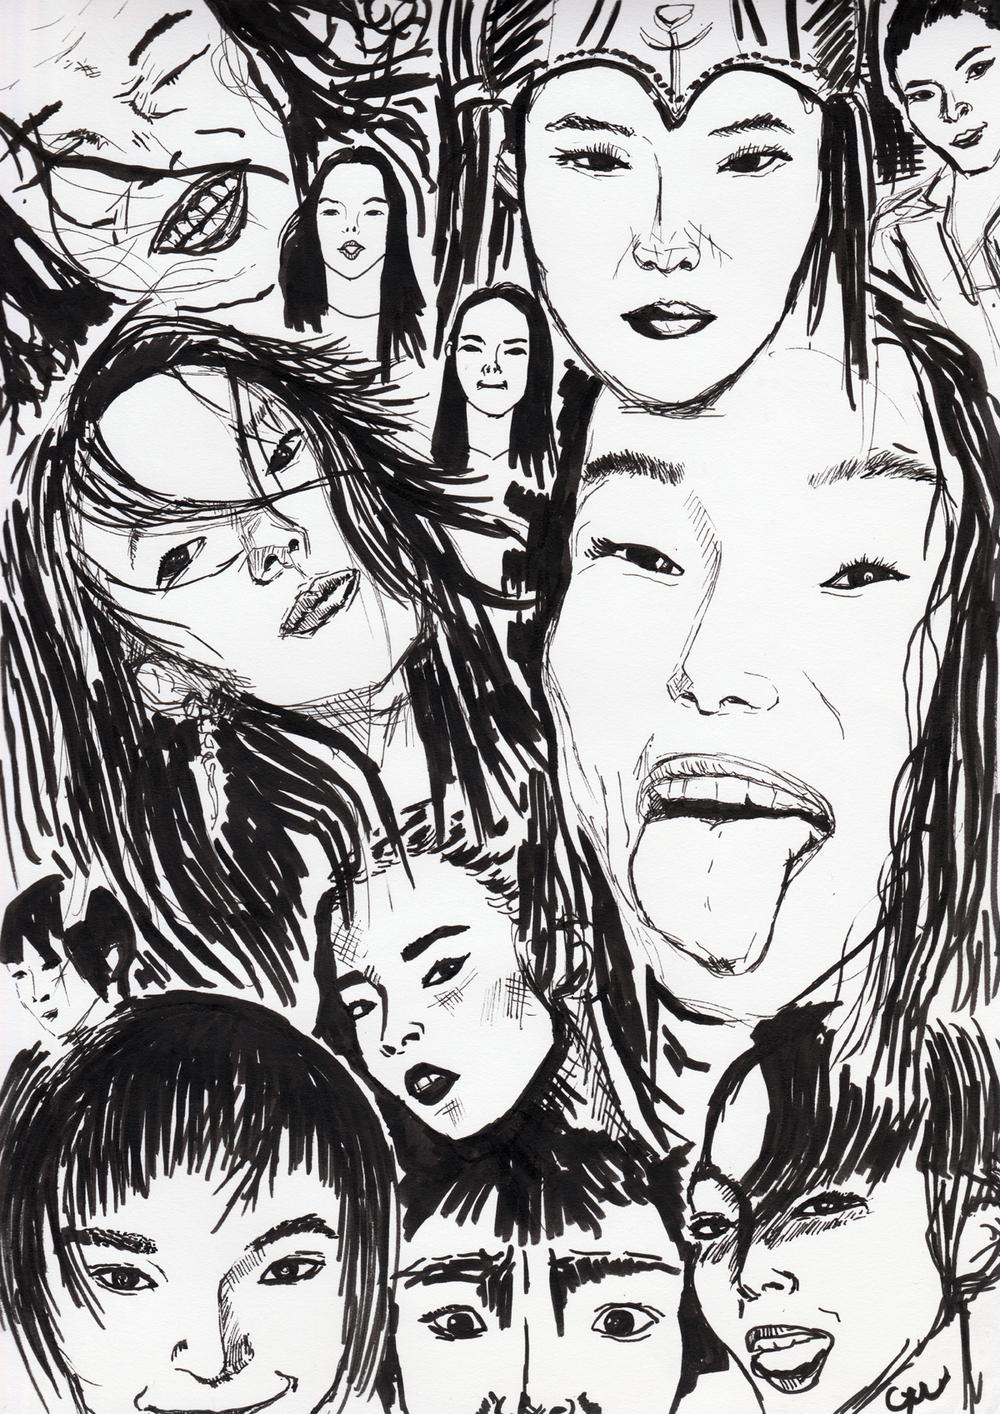 faces of xiao wen ju